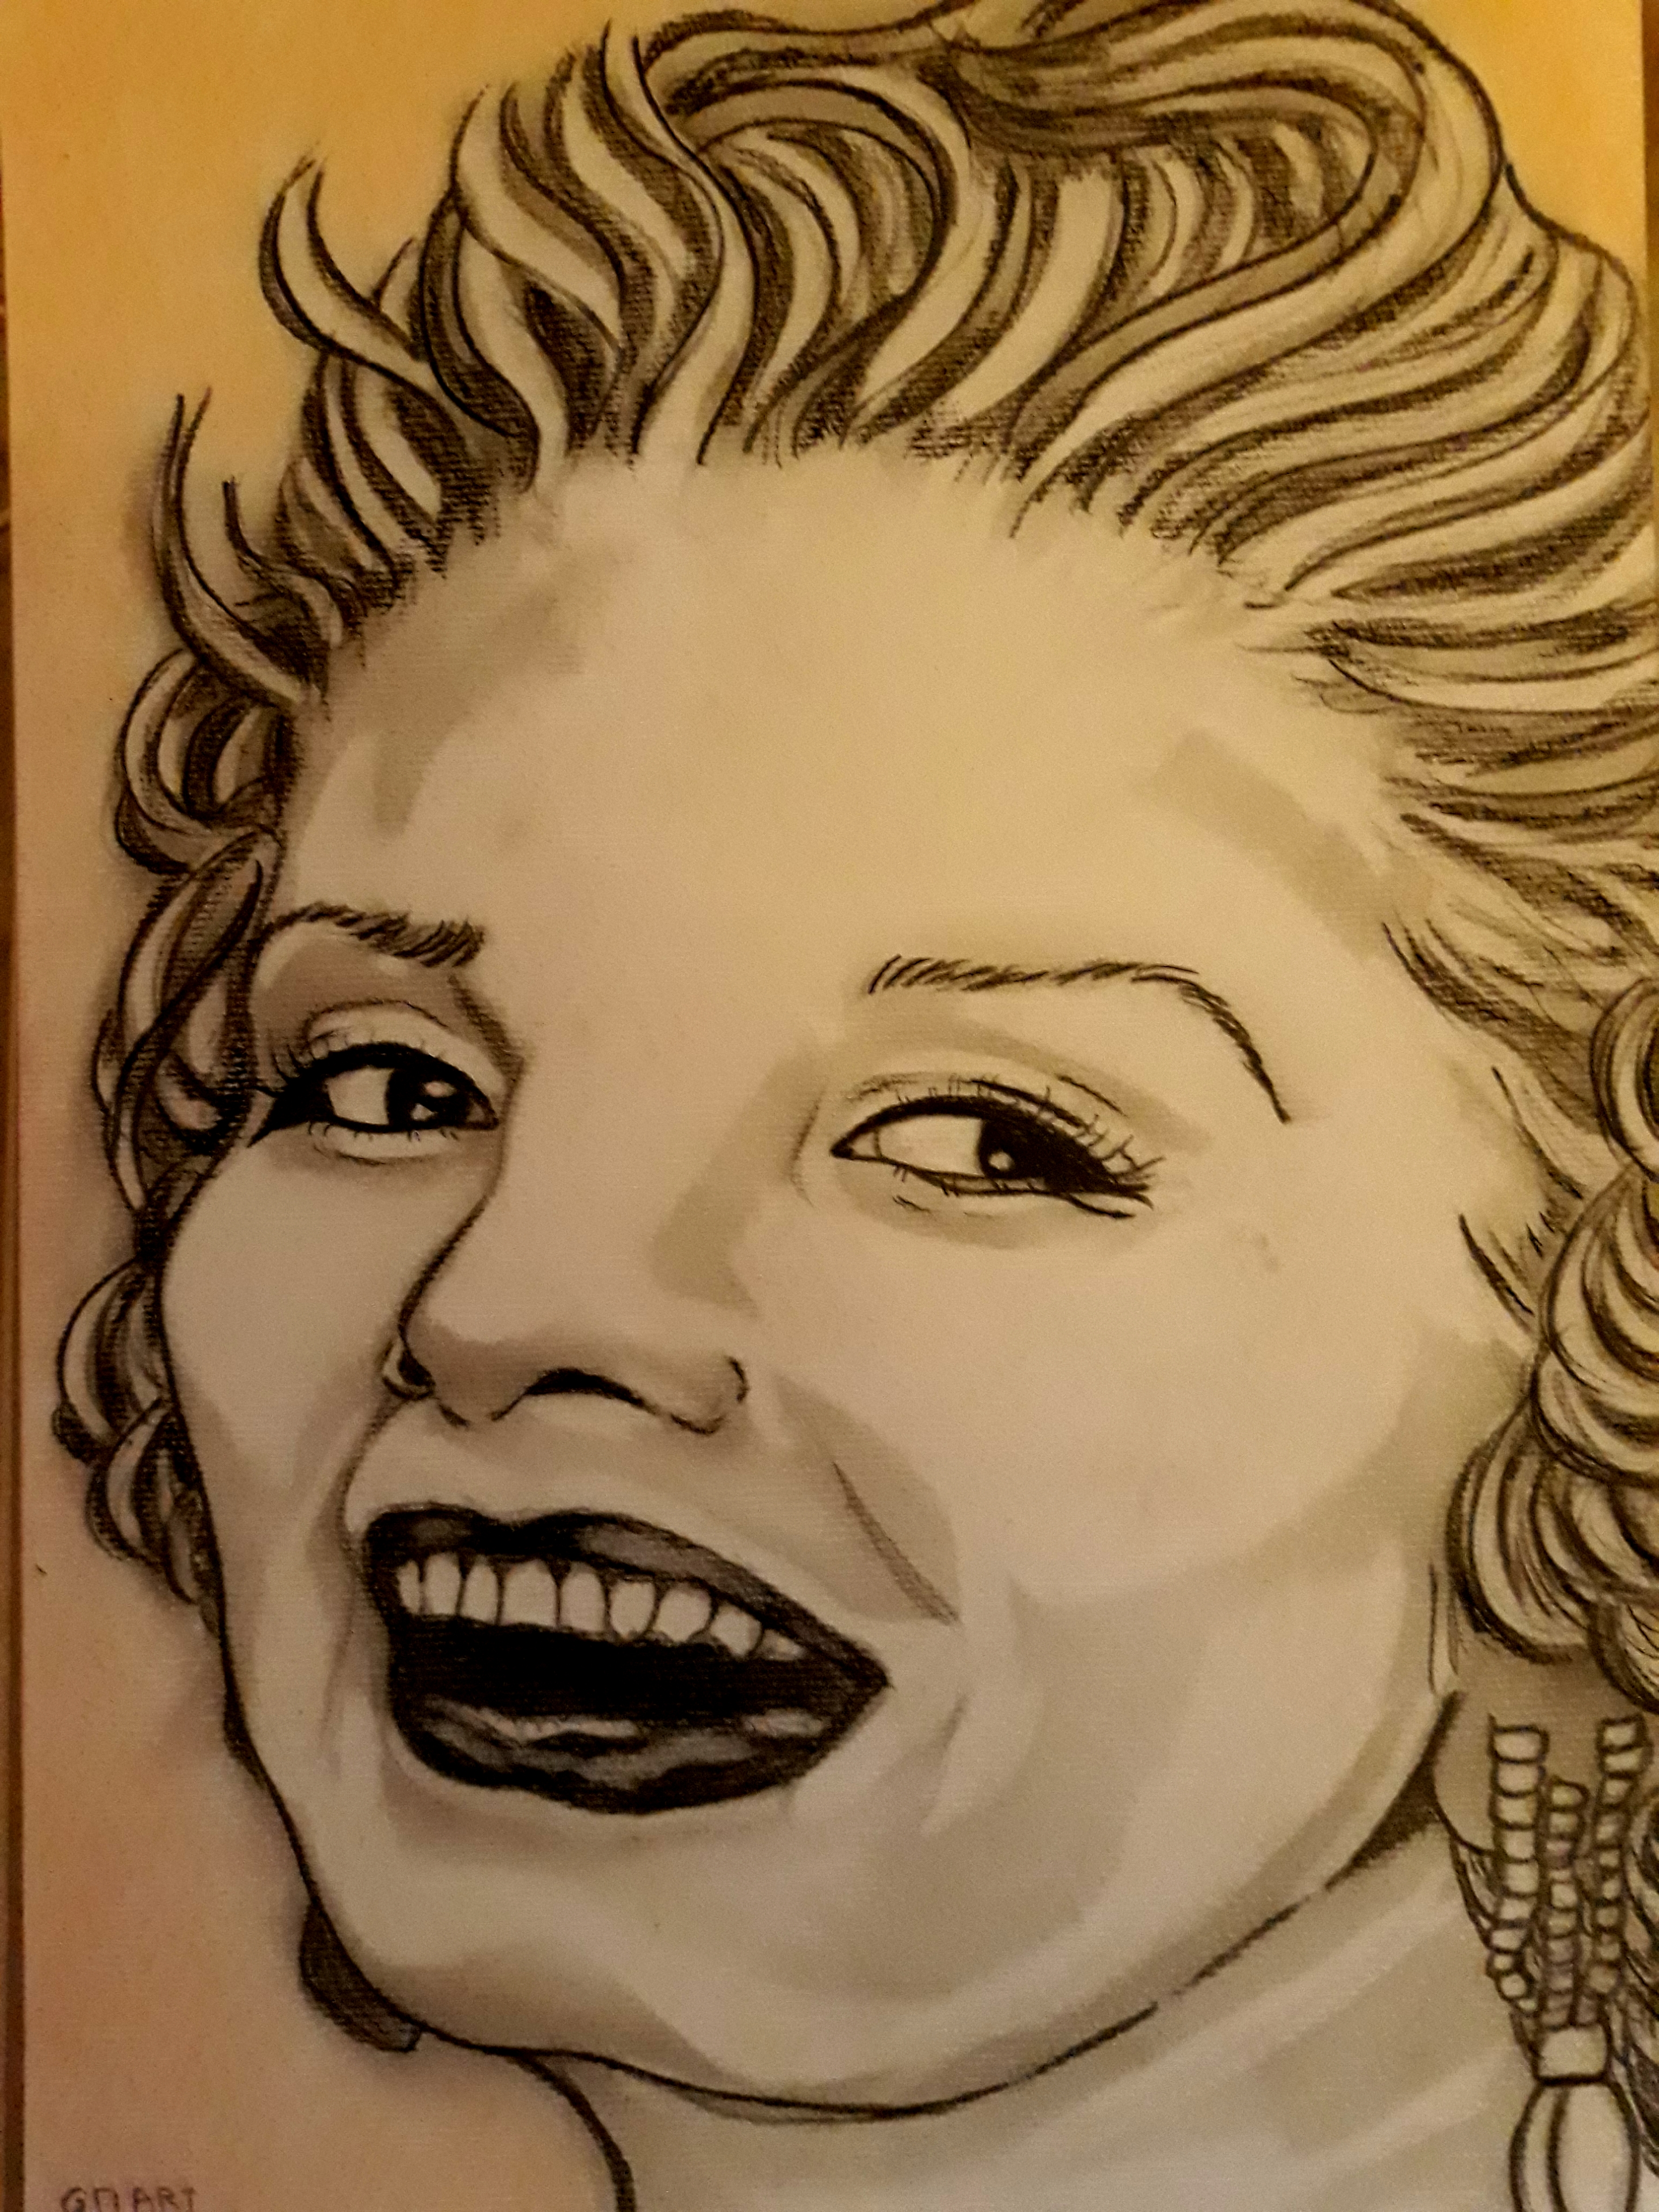 Dessin Marilyne monroe de Princesserosia